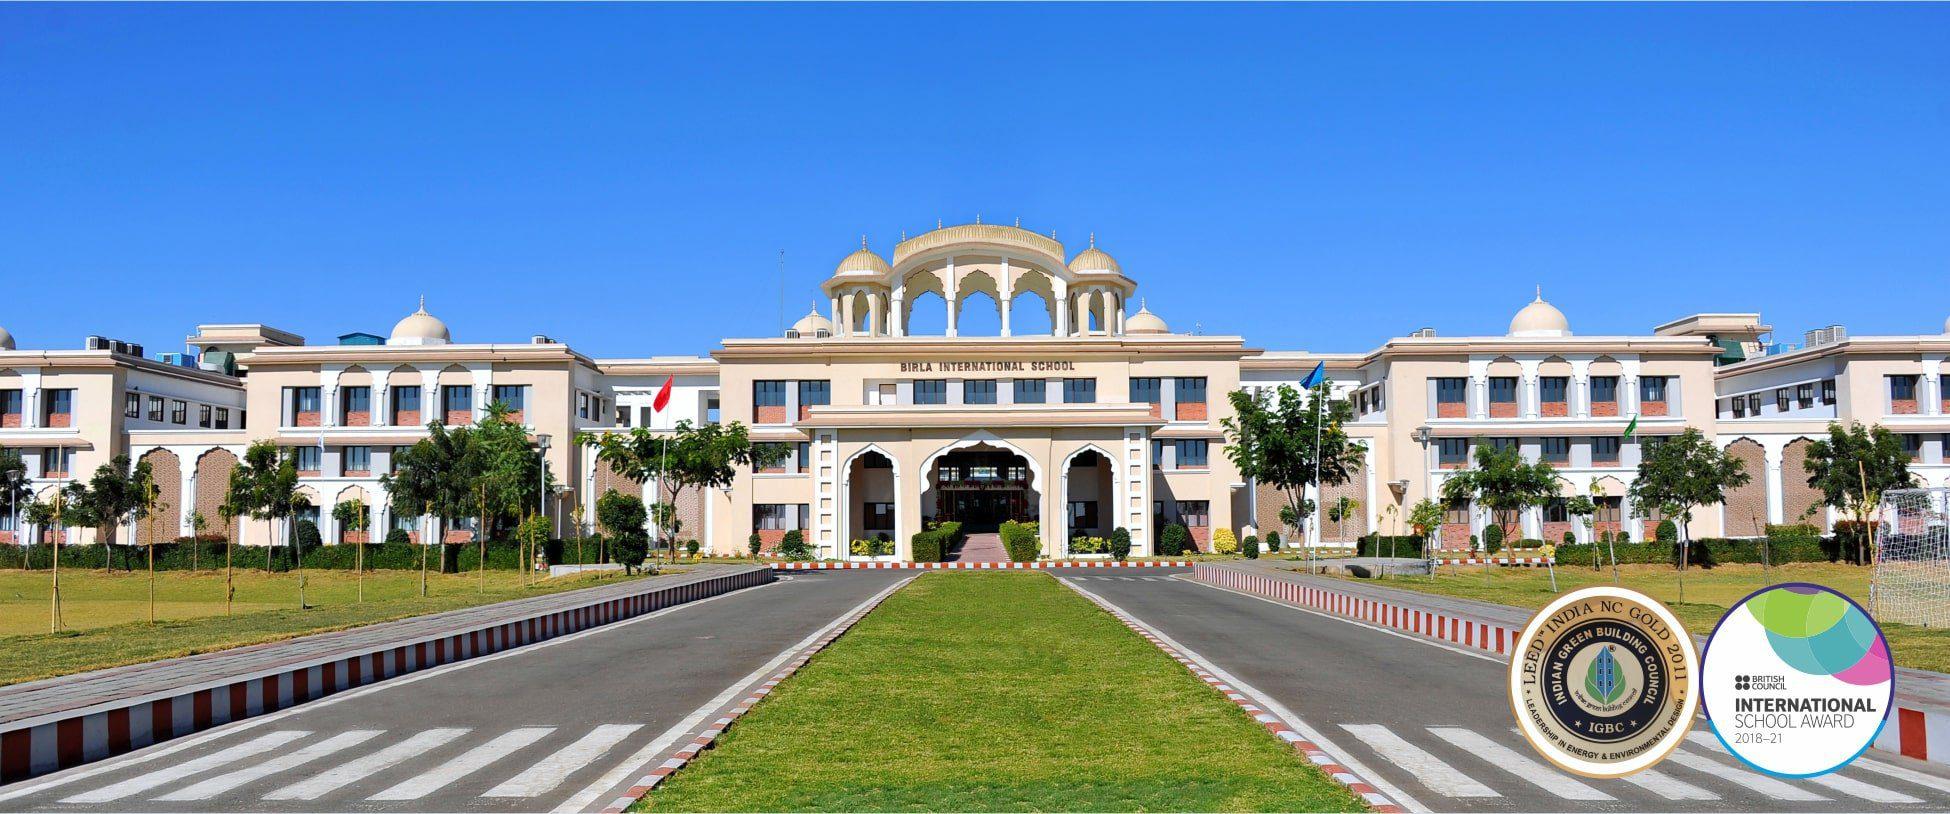 Birla International School Kishangarh day view